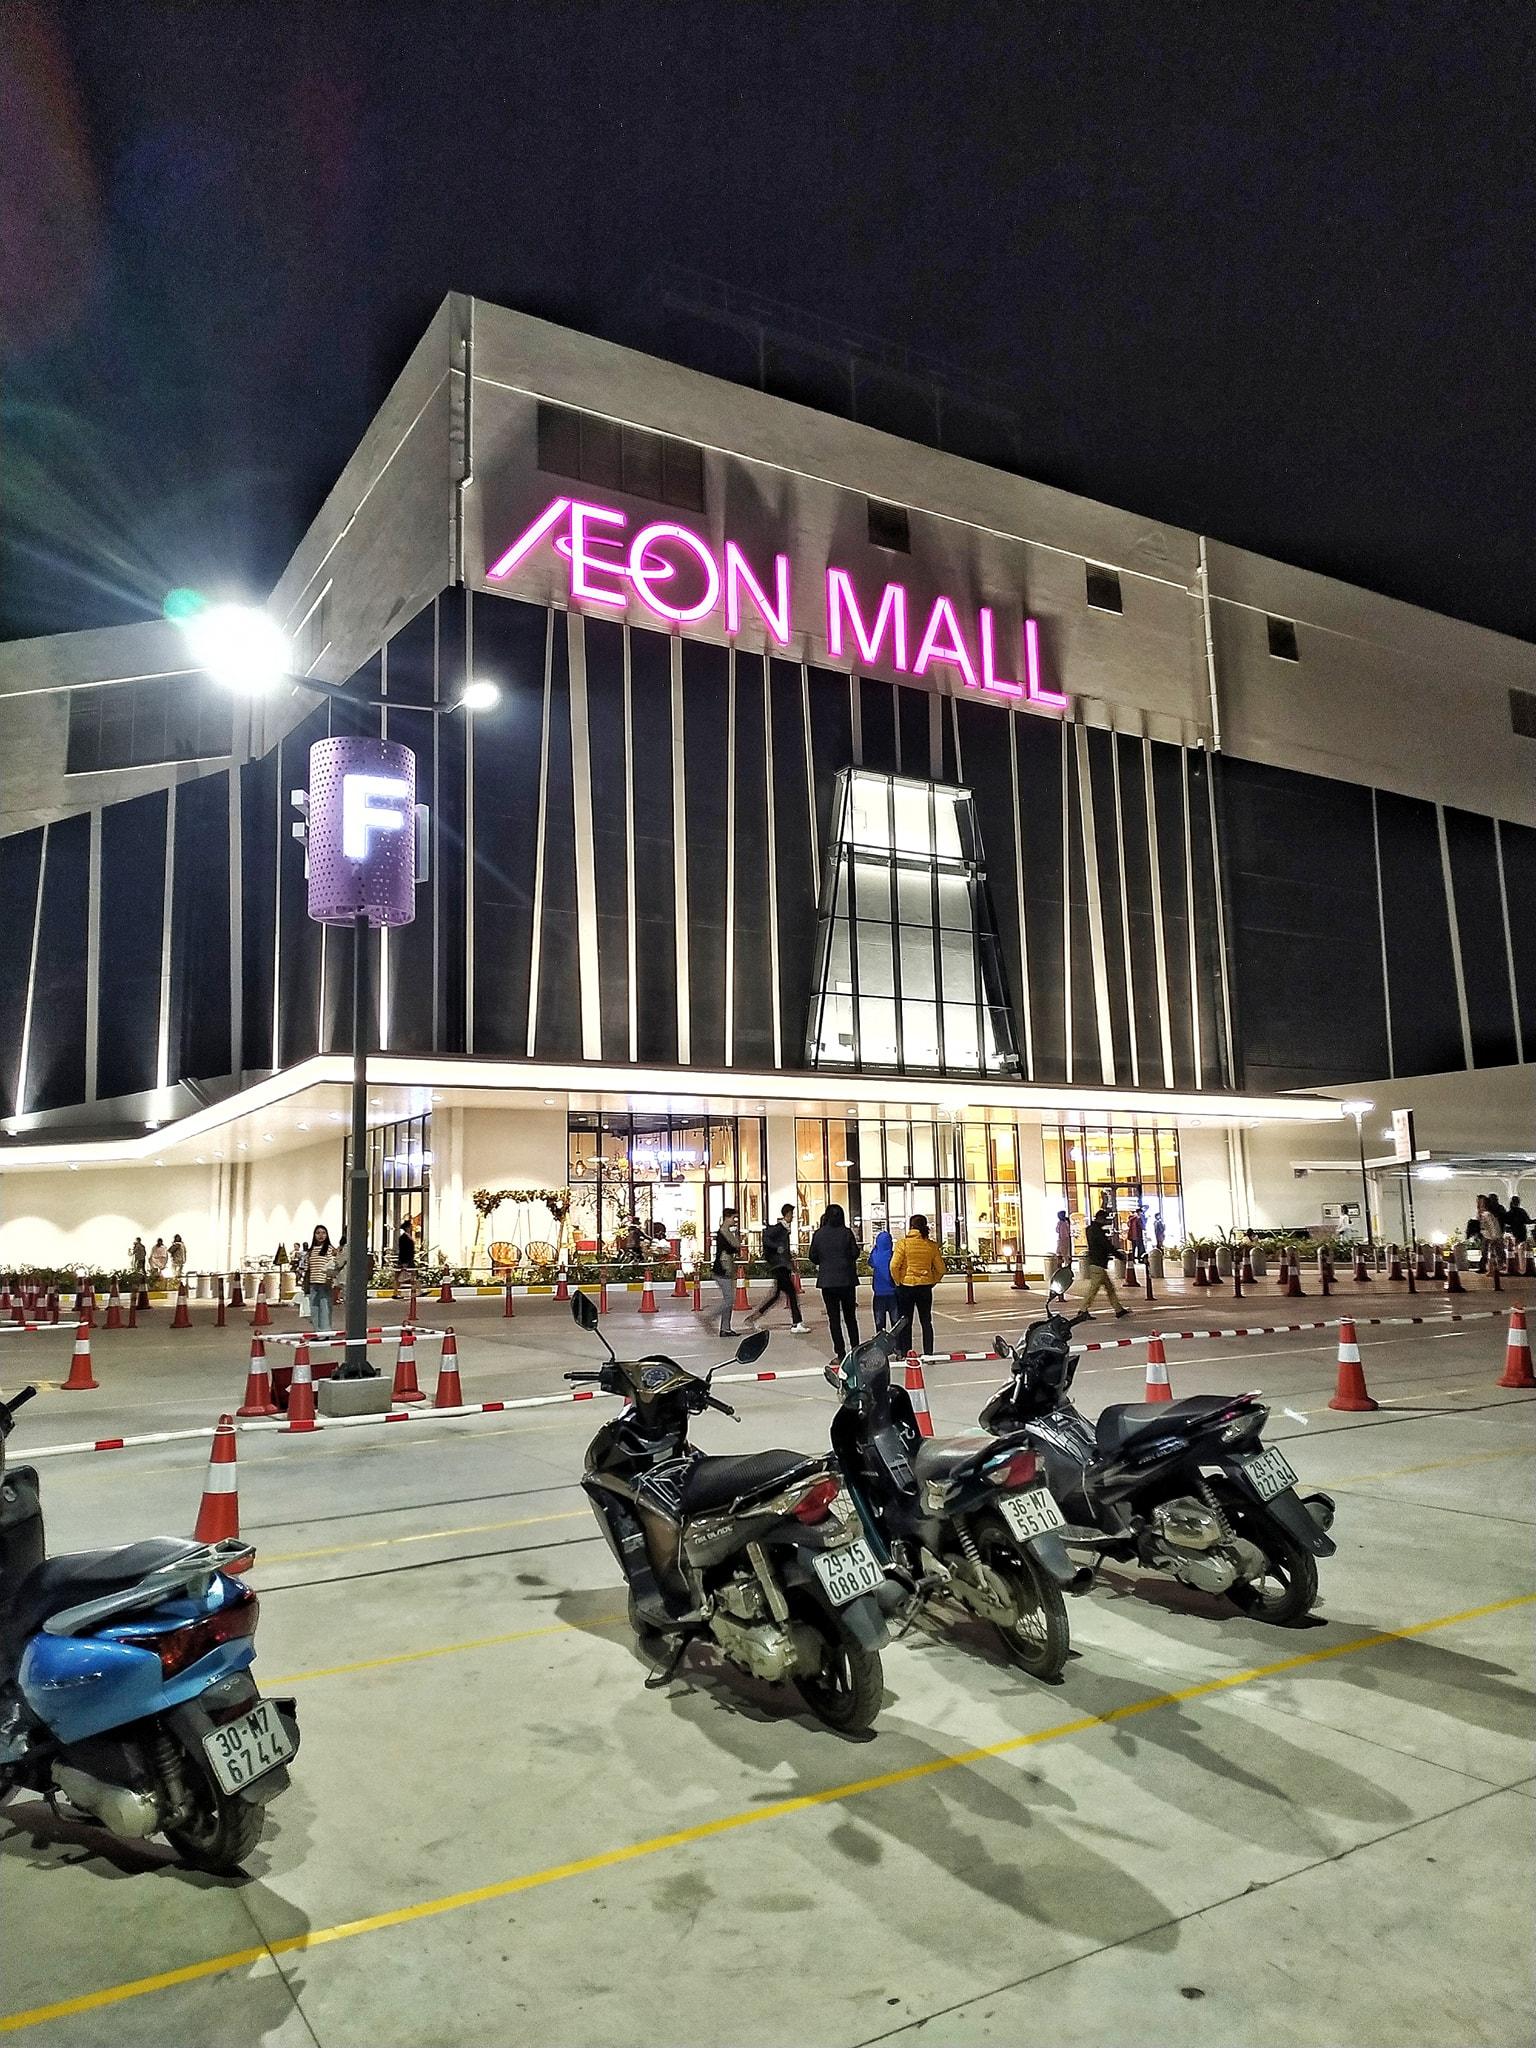 Review AEON MALL Hà Đông - đến check-in tránh nóng 2021 và vì ẩm thực Dokki, Manwah, KOI Thé và các loại bánh ở Bakery chứ làm gì giờ?